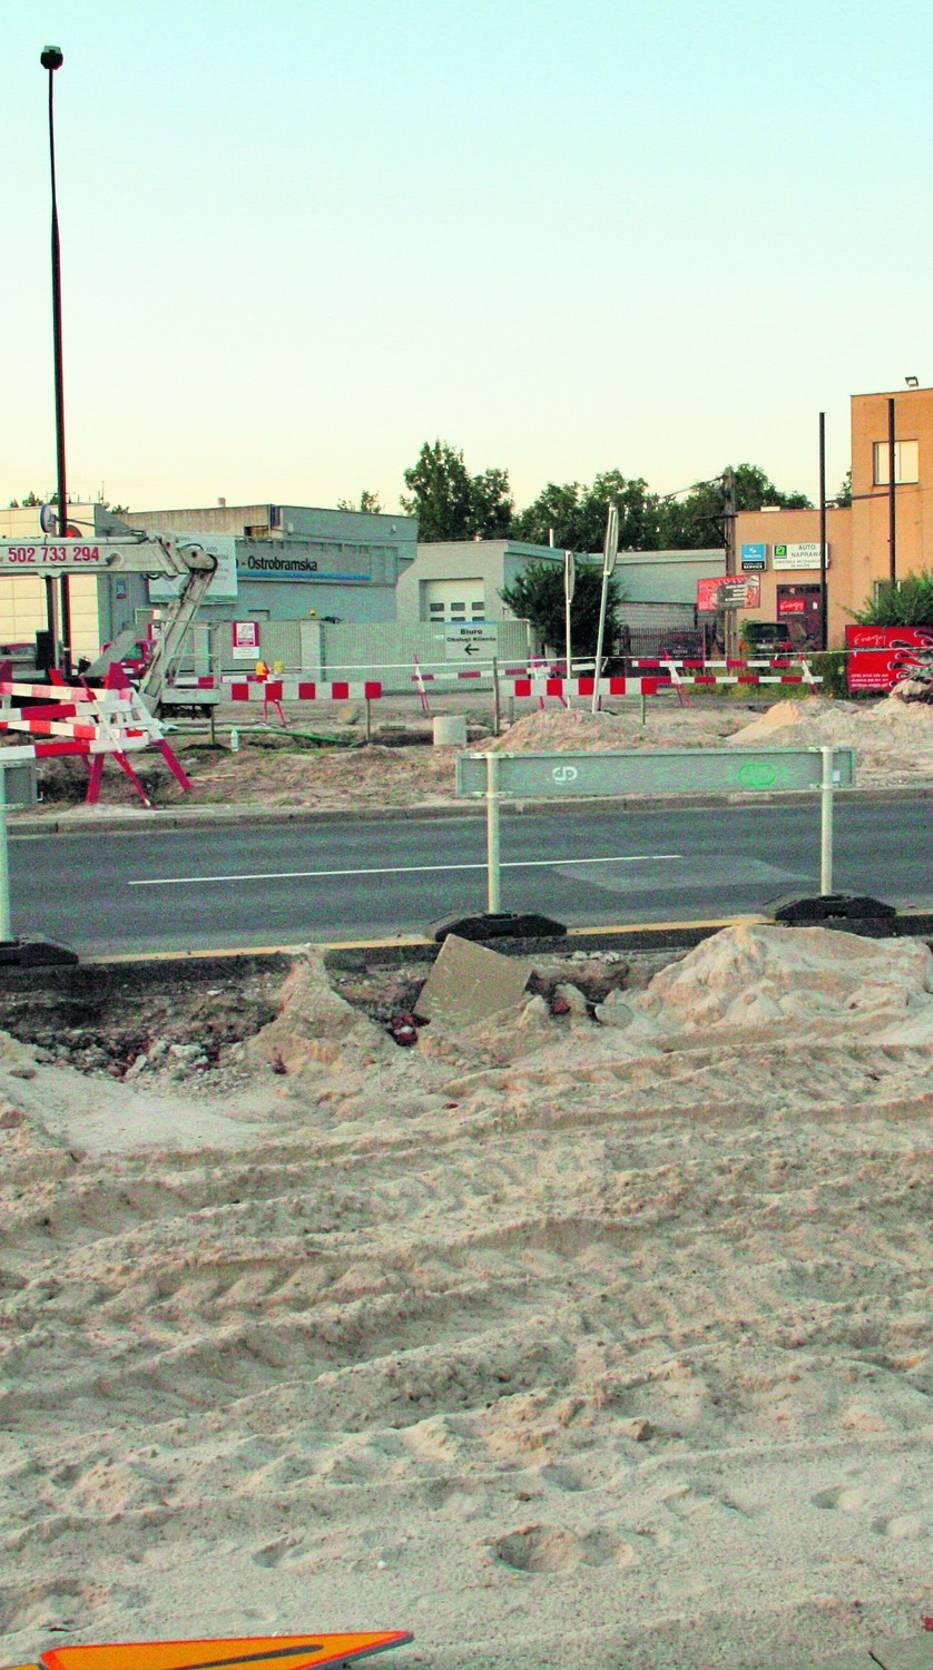 Cechą charakterystyczną warszawskich remontów drogowych jest widoczny brak pracowników